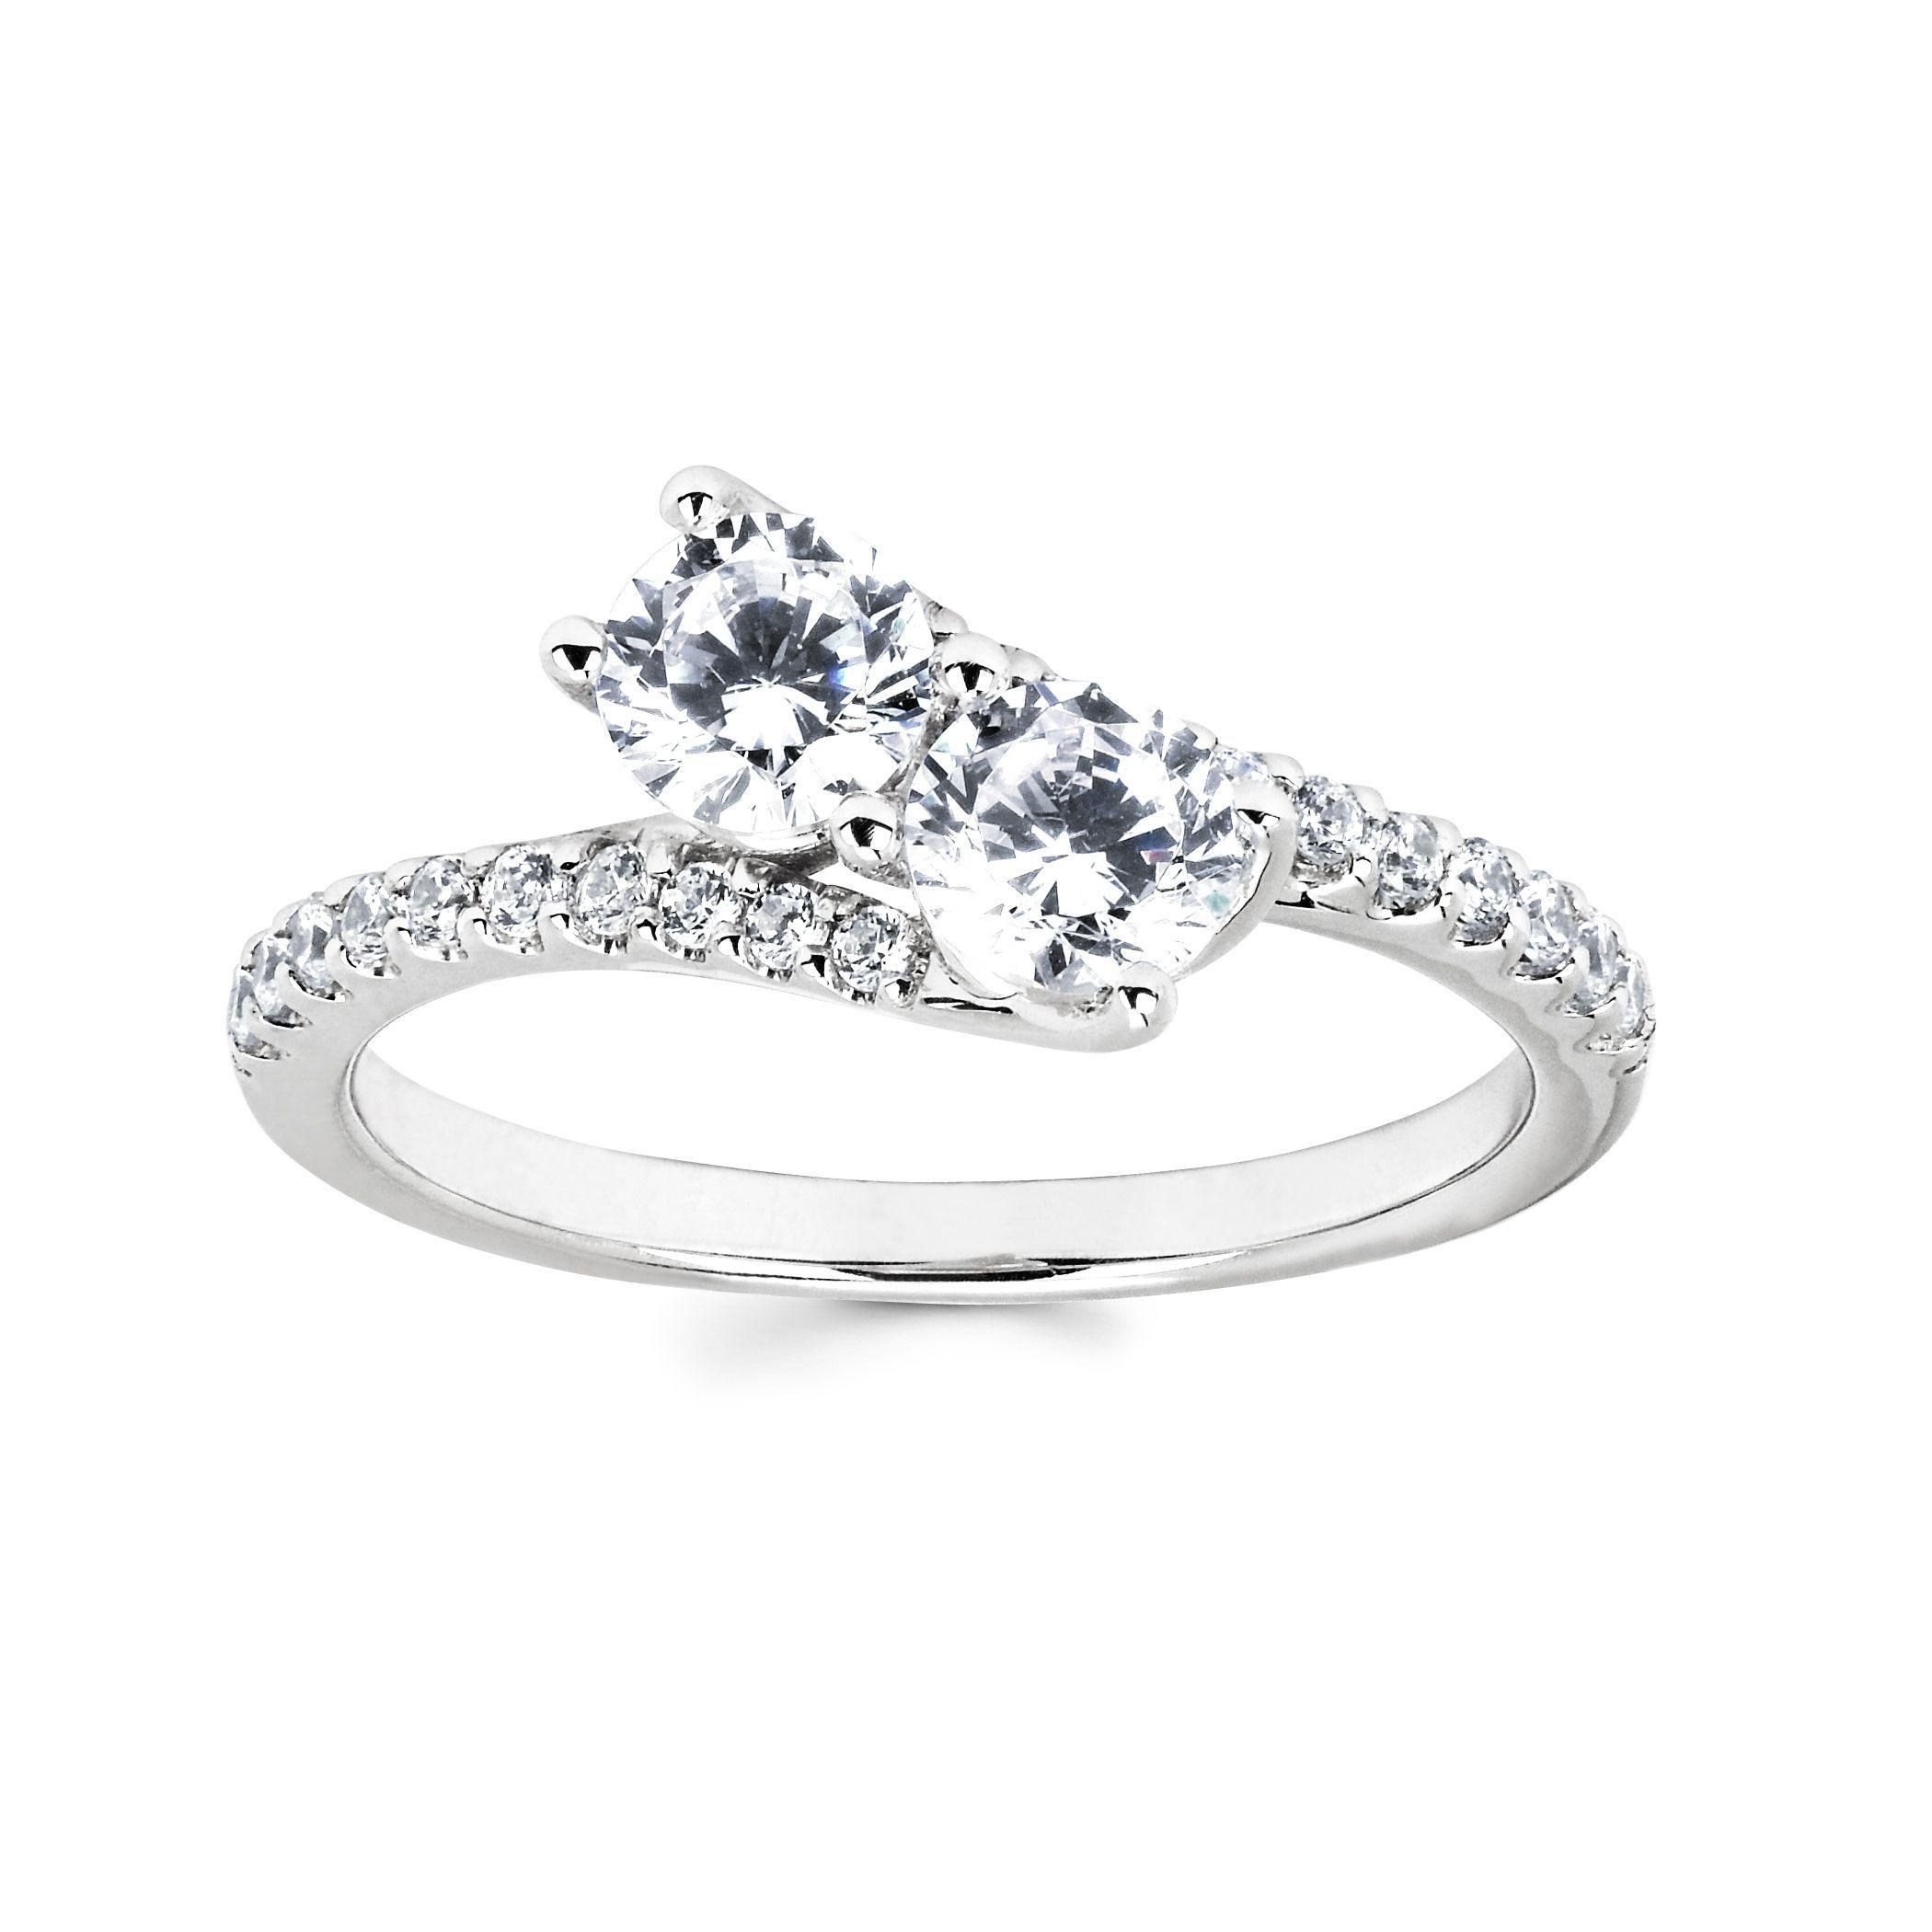 Miadora signature collection 14k white gold 1ct tdw diamond double row - Boston Bay Diamonds 10k White Gold 1ct Tdw Two Stone Diamond Ring H I